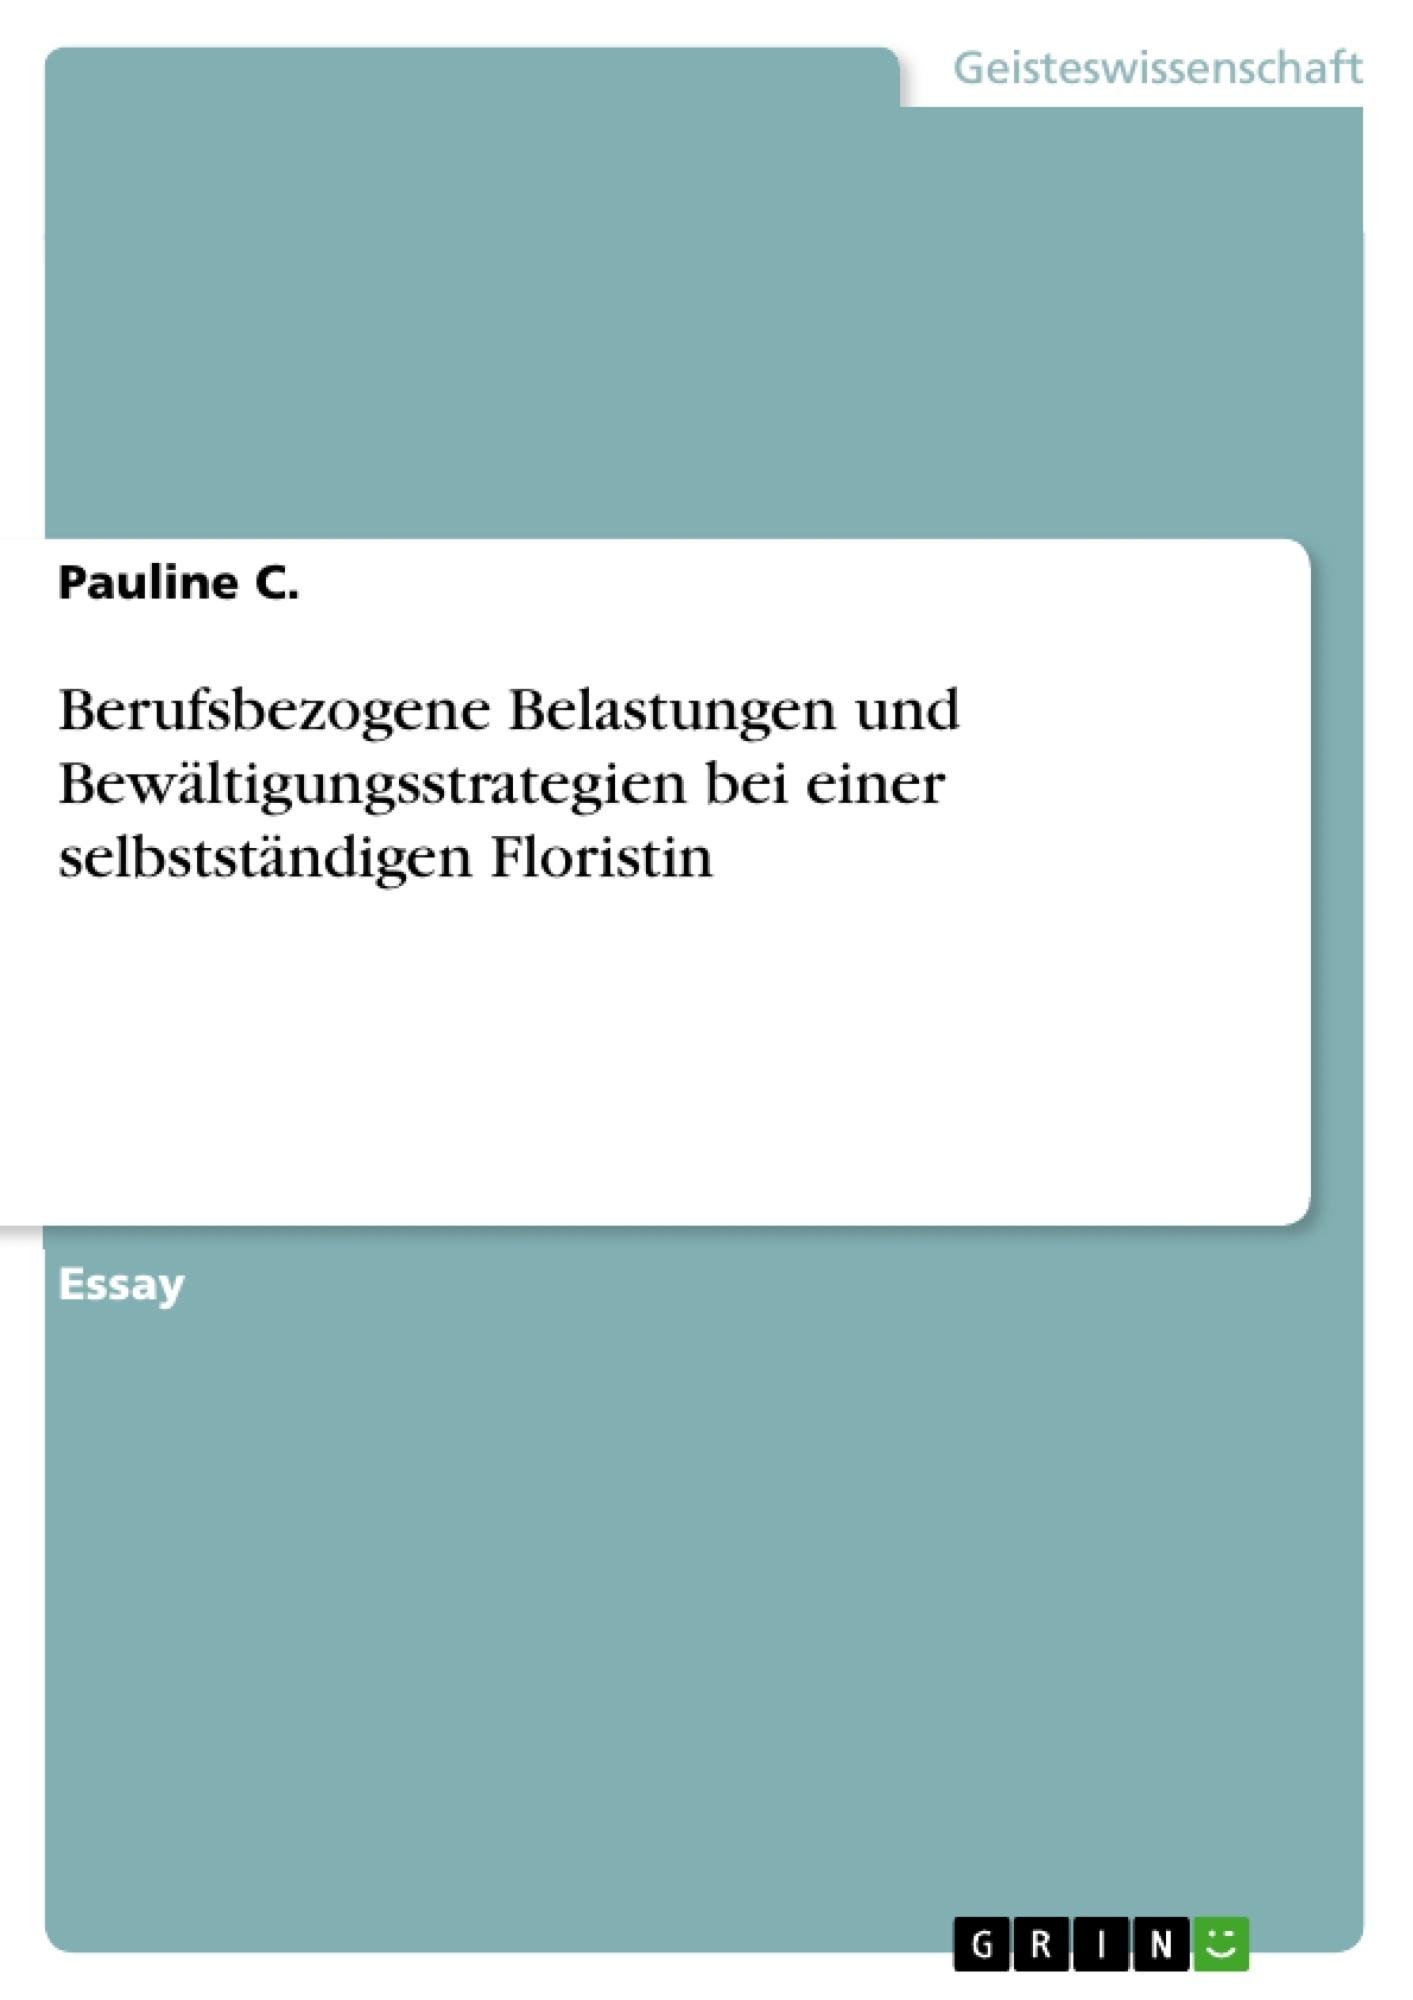 Titel: Berufsbezogene Belastungen und Bewältigungsstrategien bei einer selbstständigen Floristin